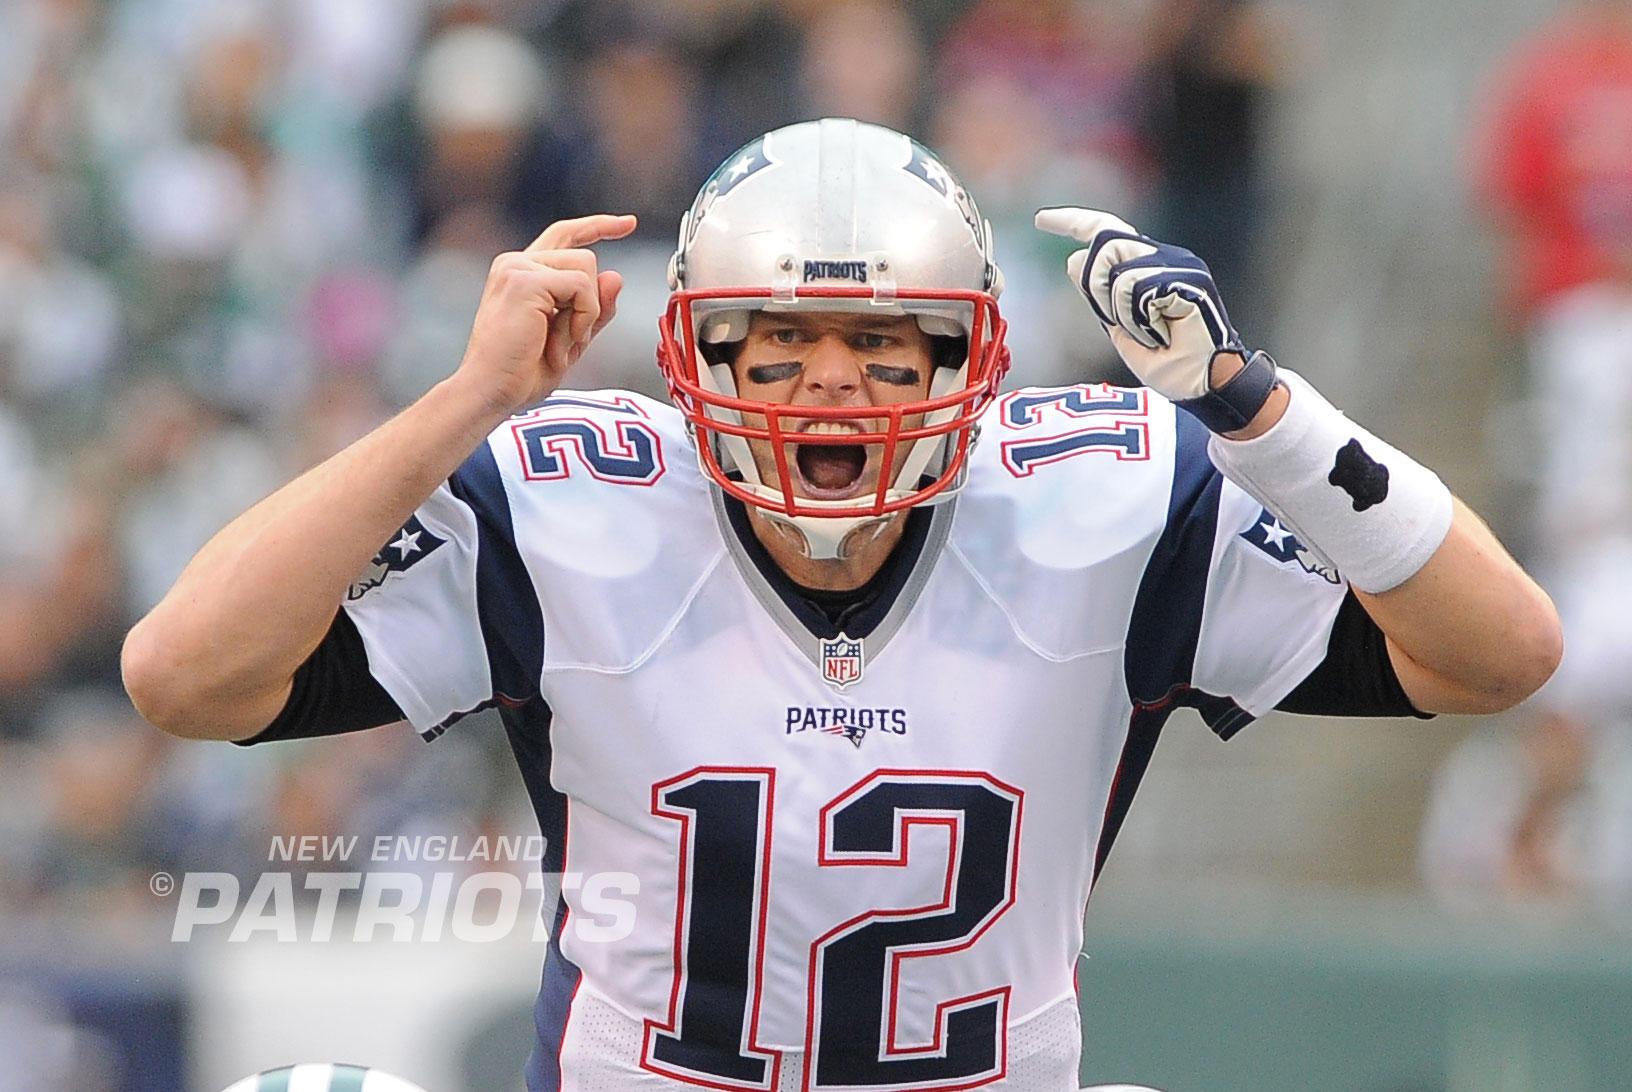 Tom Brady lidera venda de camisas na NFL pela segunda vez em três anos 3c09a1c8b1b2b